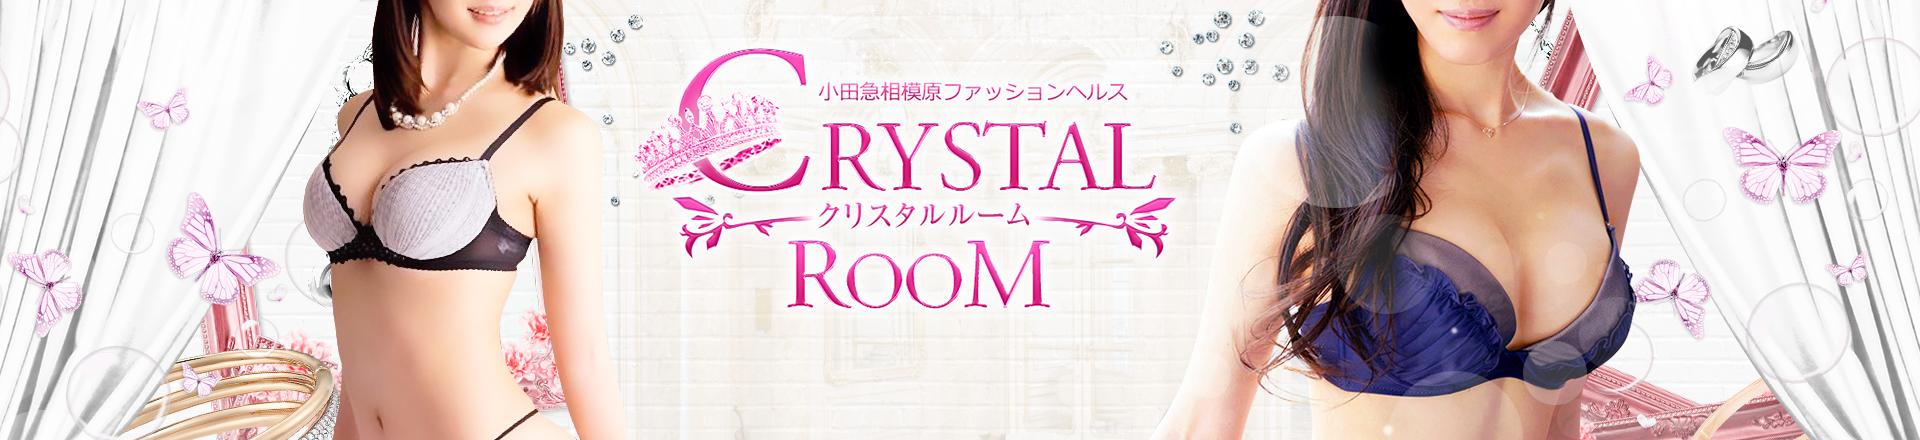 -CRYSTALROOM-クリスタルルーム小田急相模原ファッションヘルス